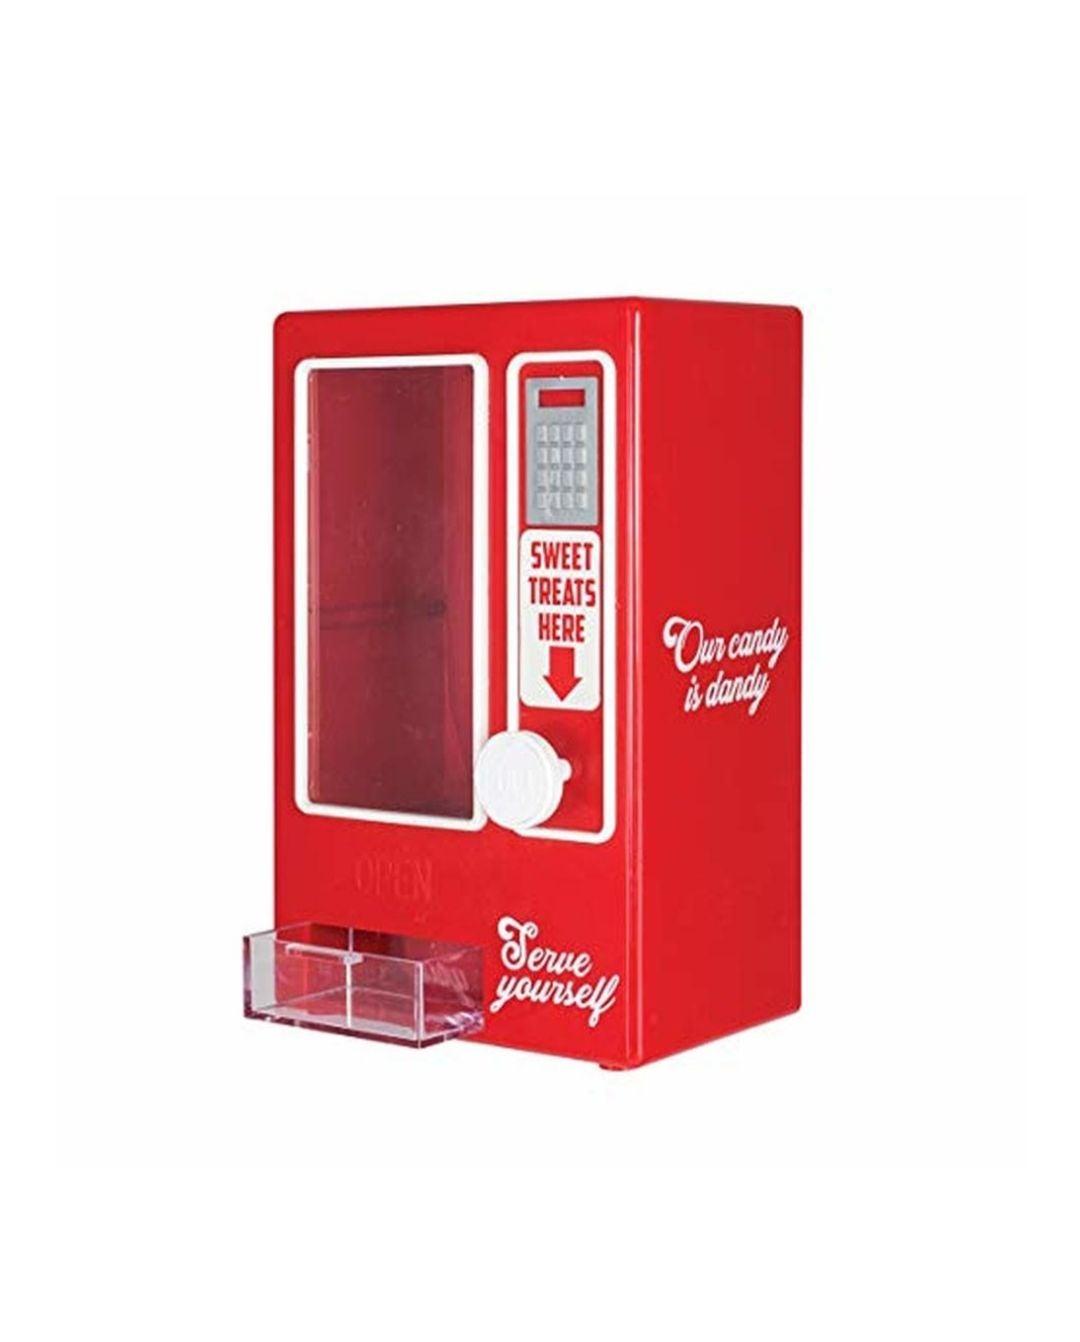 Sweets Vending Machine TabletopDispenser